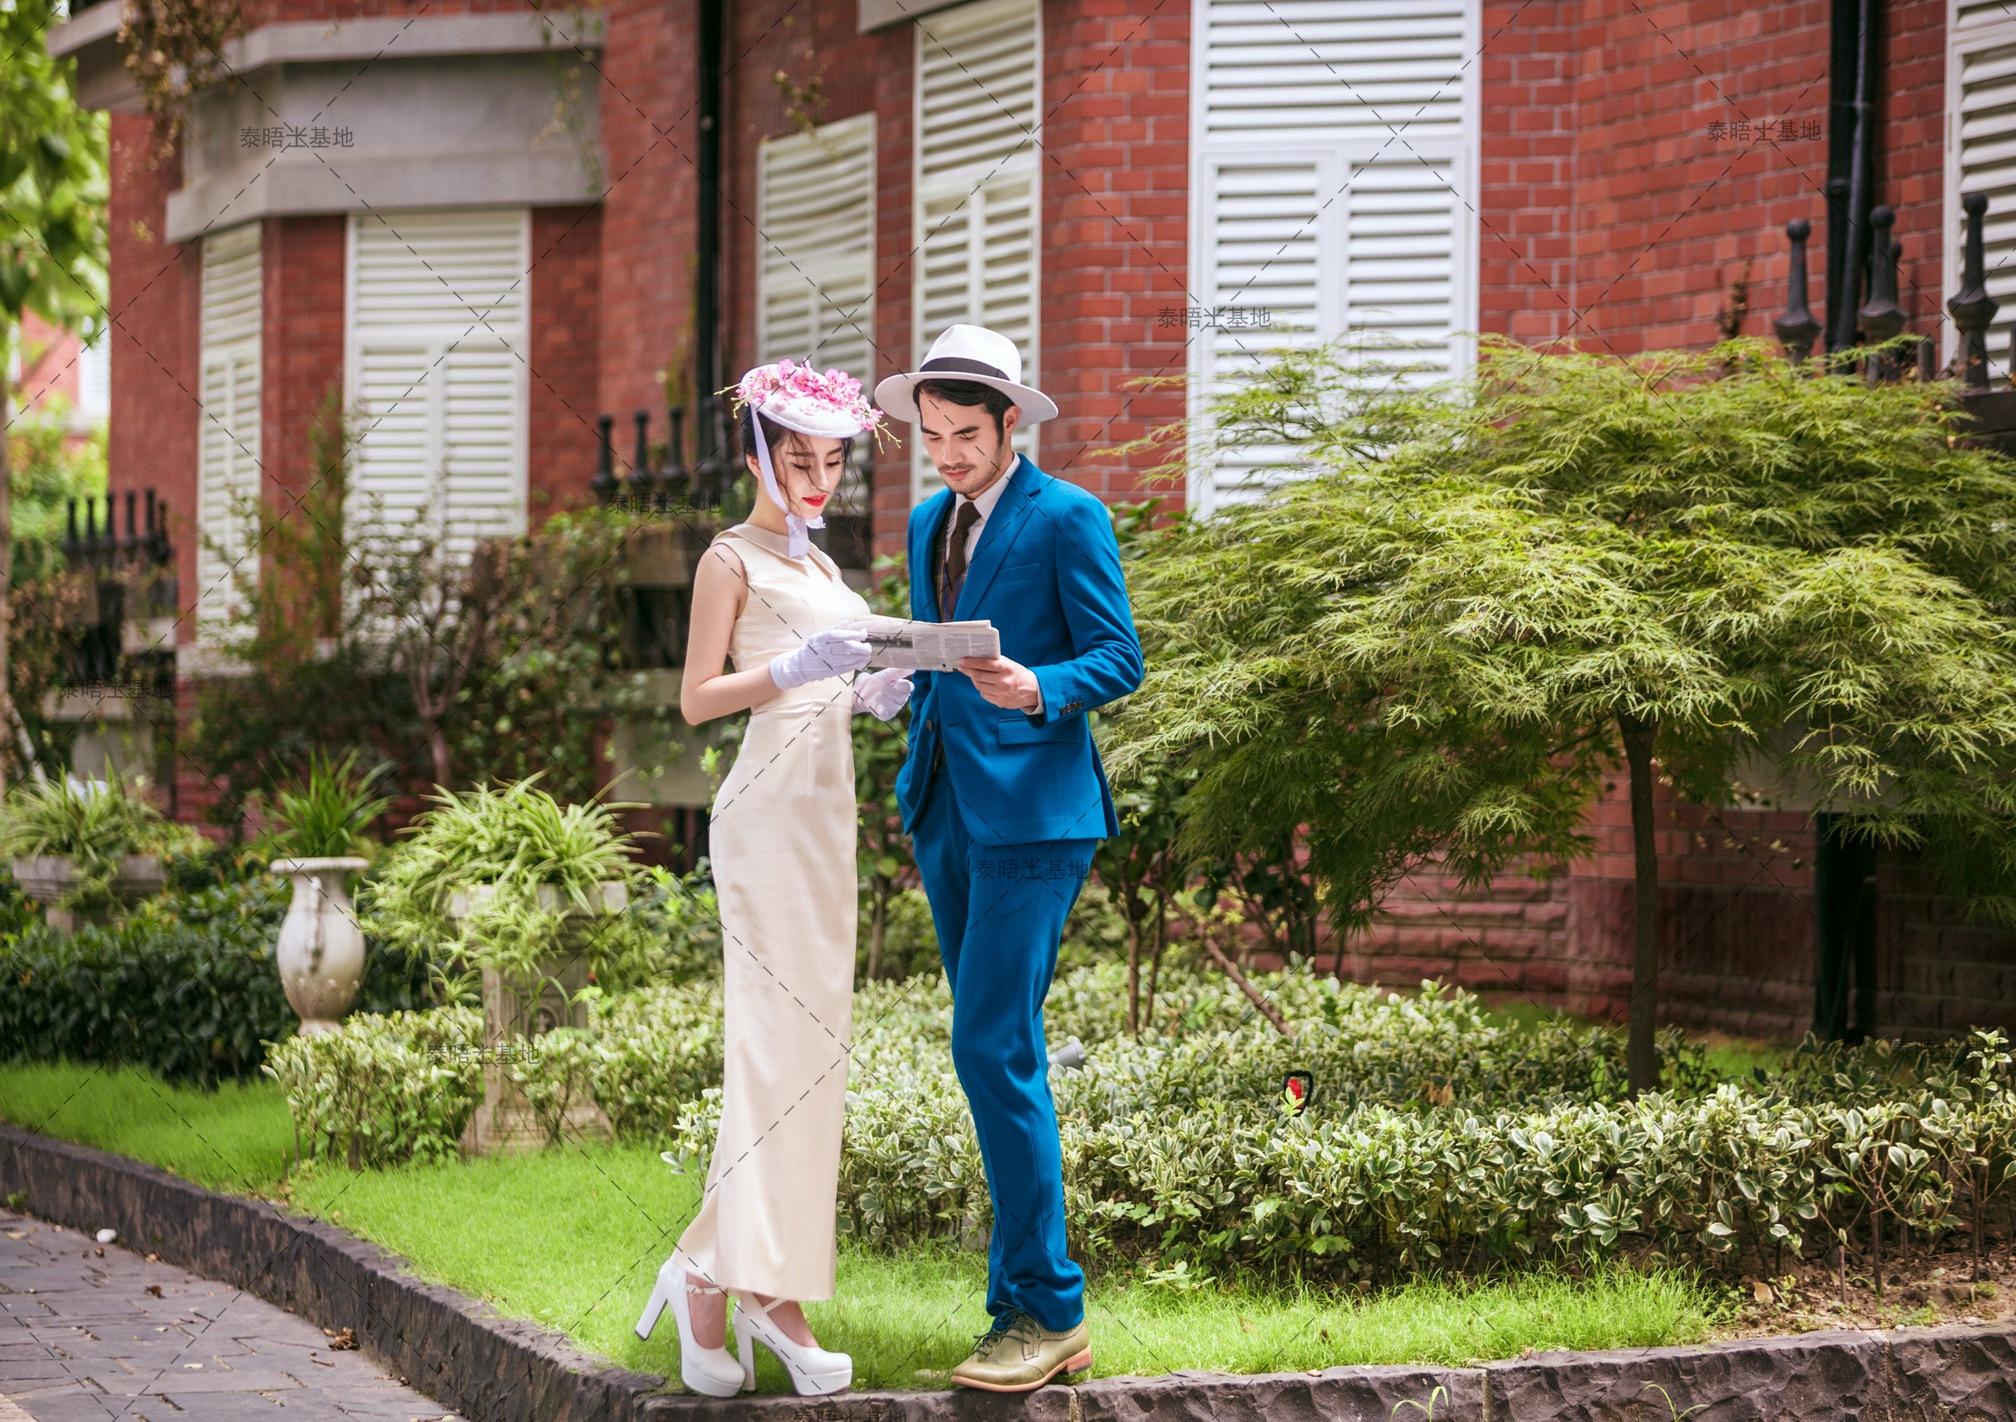 婚礼邀请函怎么写,这些婚礼邀请函范文快收好!